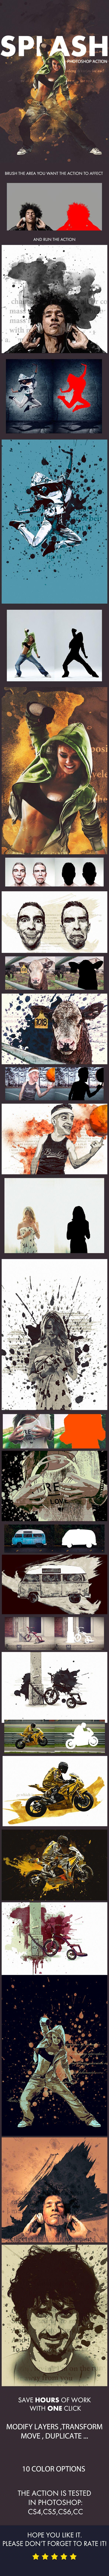 Splash Photoshop Action #photoeffect Download: http://graphicriver.net/item/splash-photoshop-action/12425921?ref=ksioks